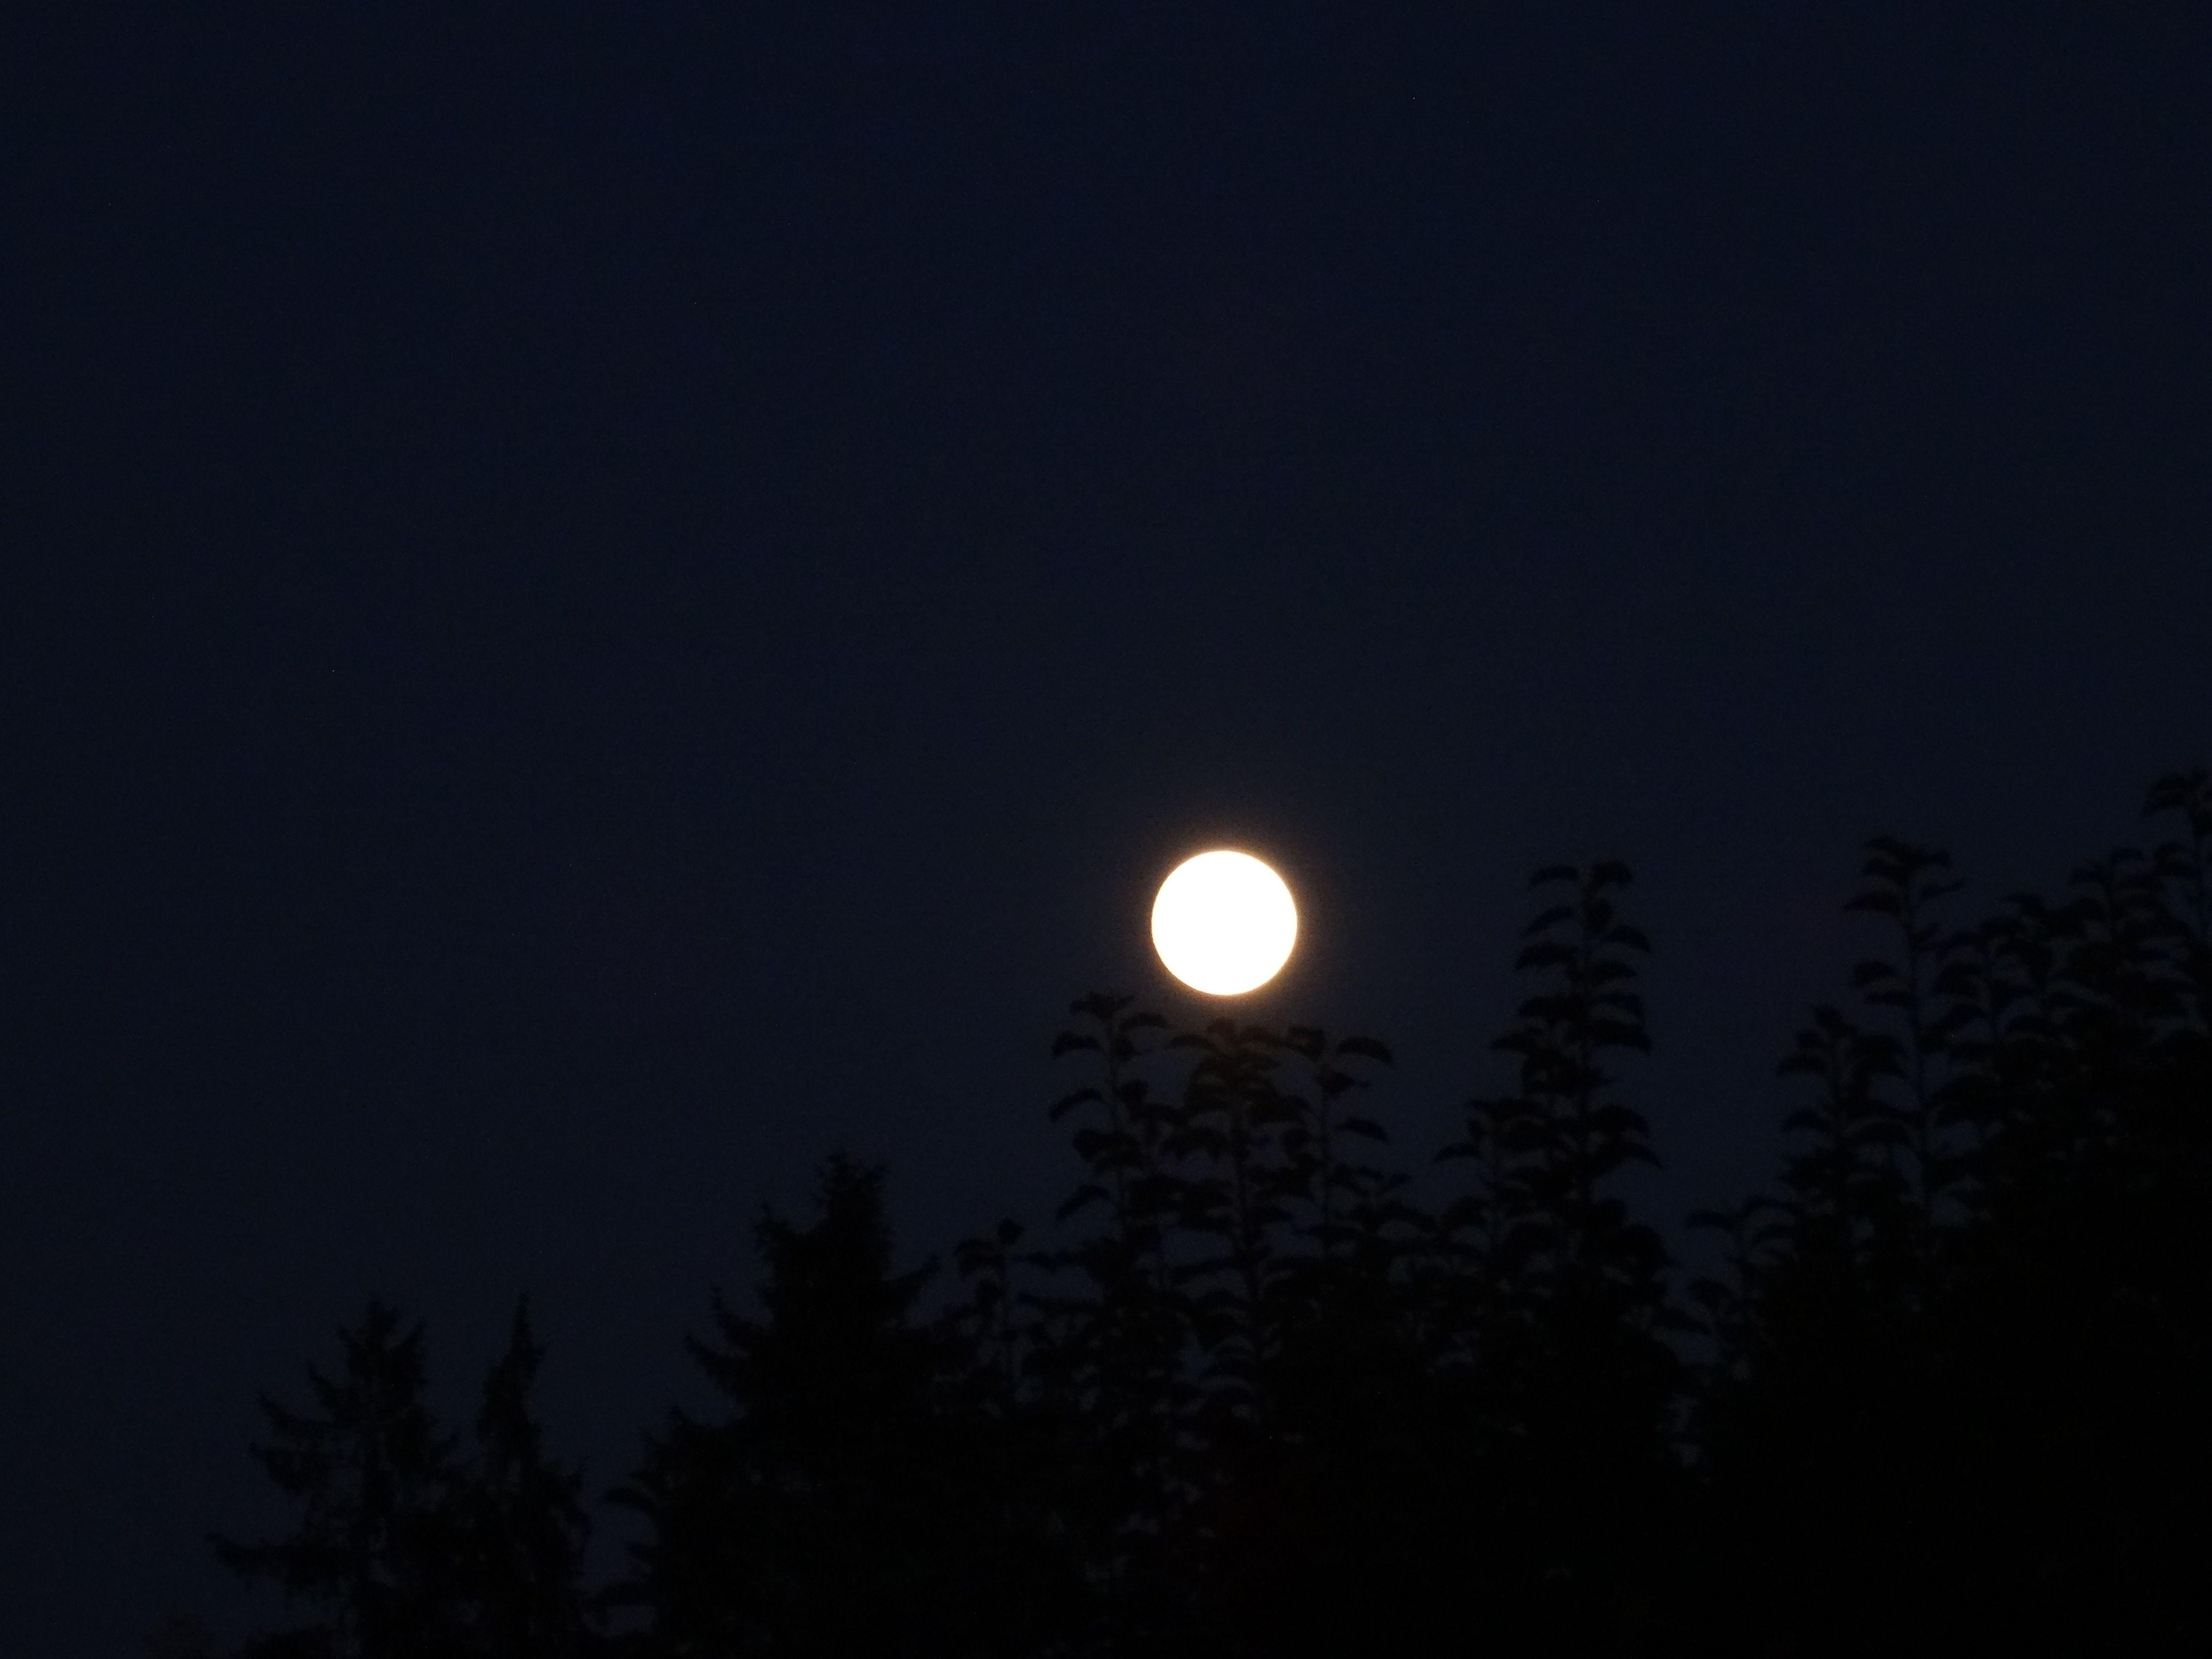 Der Mond scheint, wenn die Dunkelheit kommt. ♥